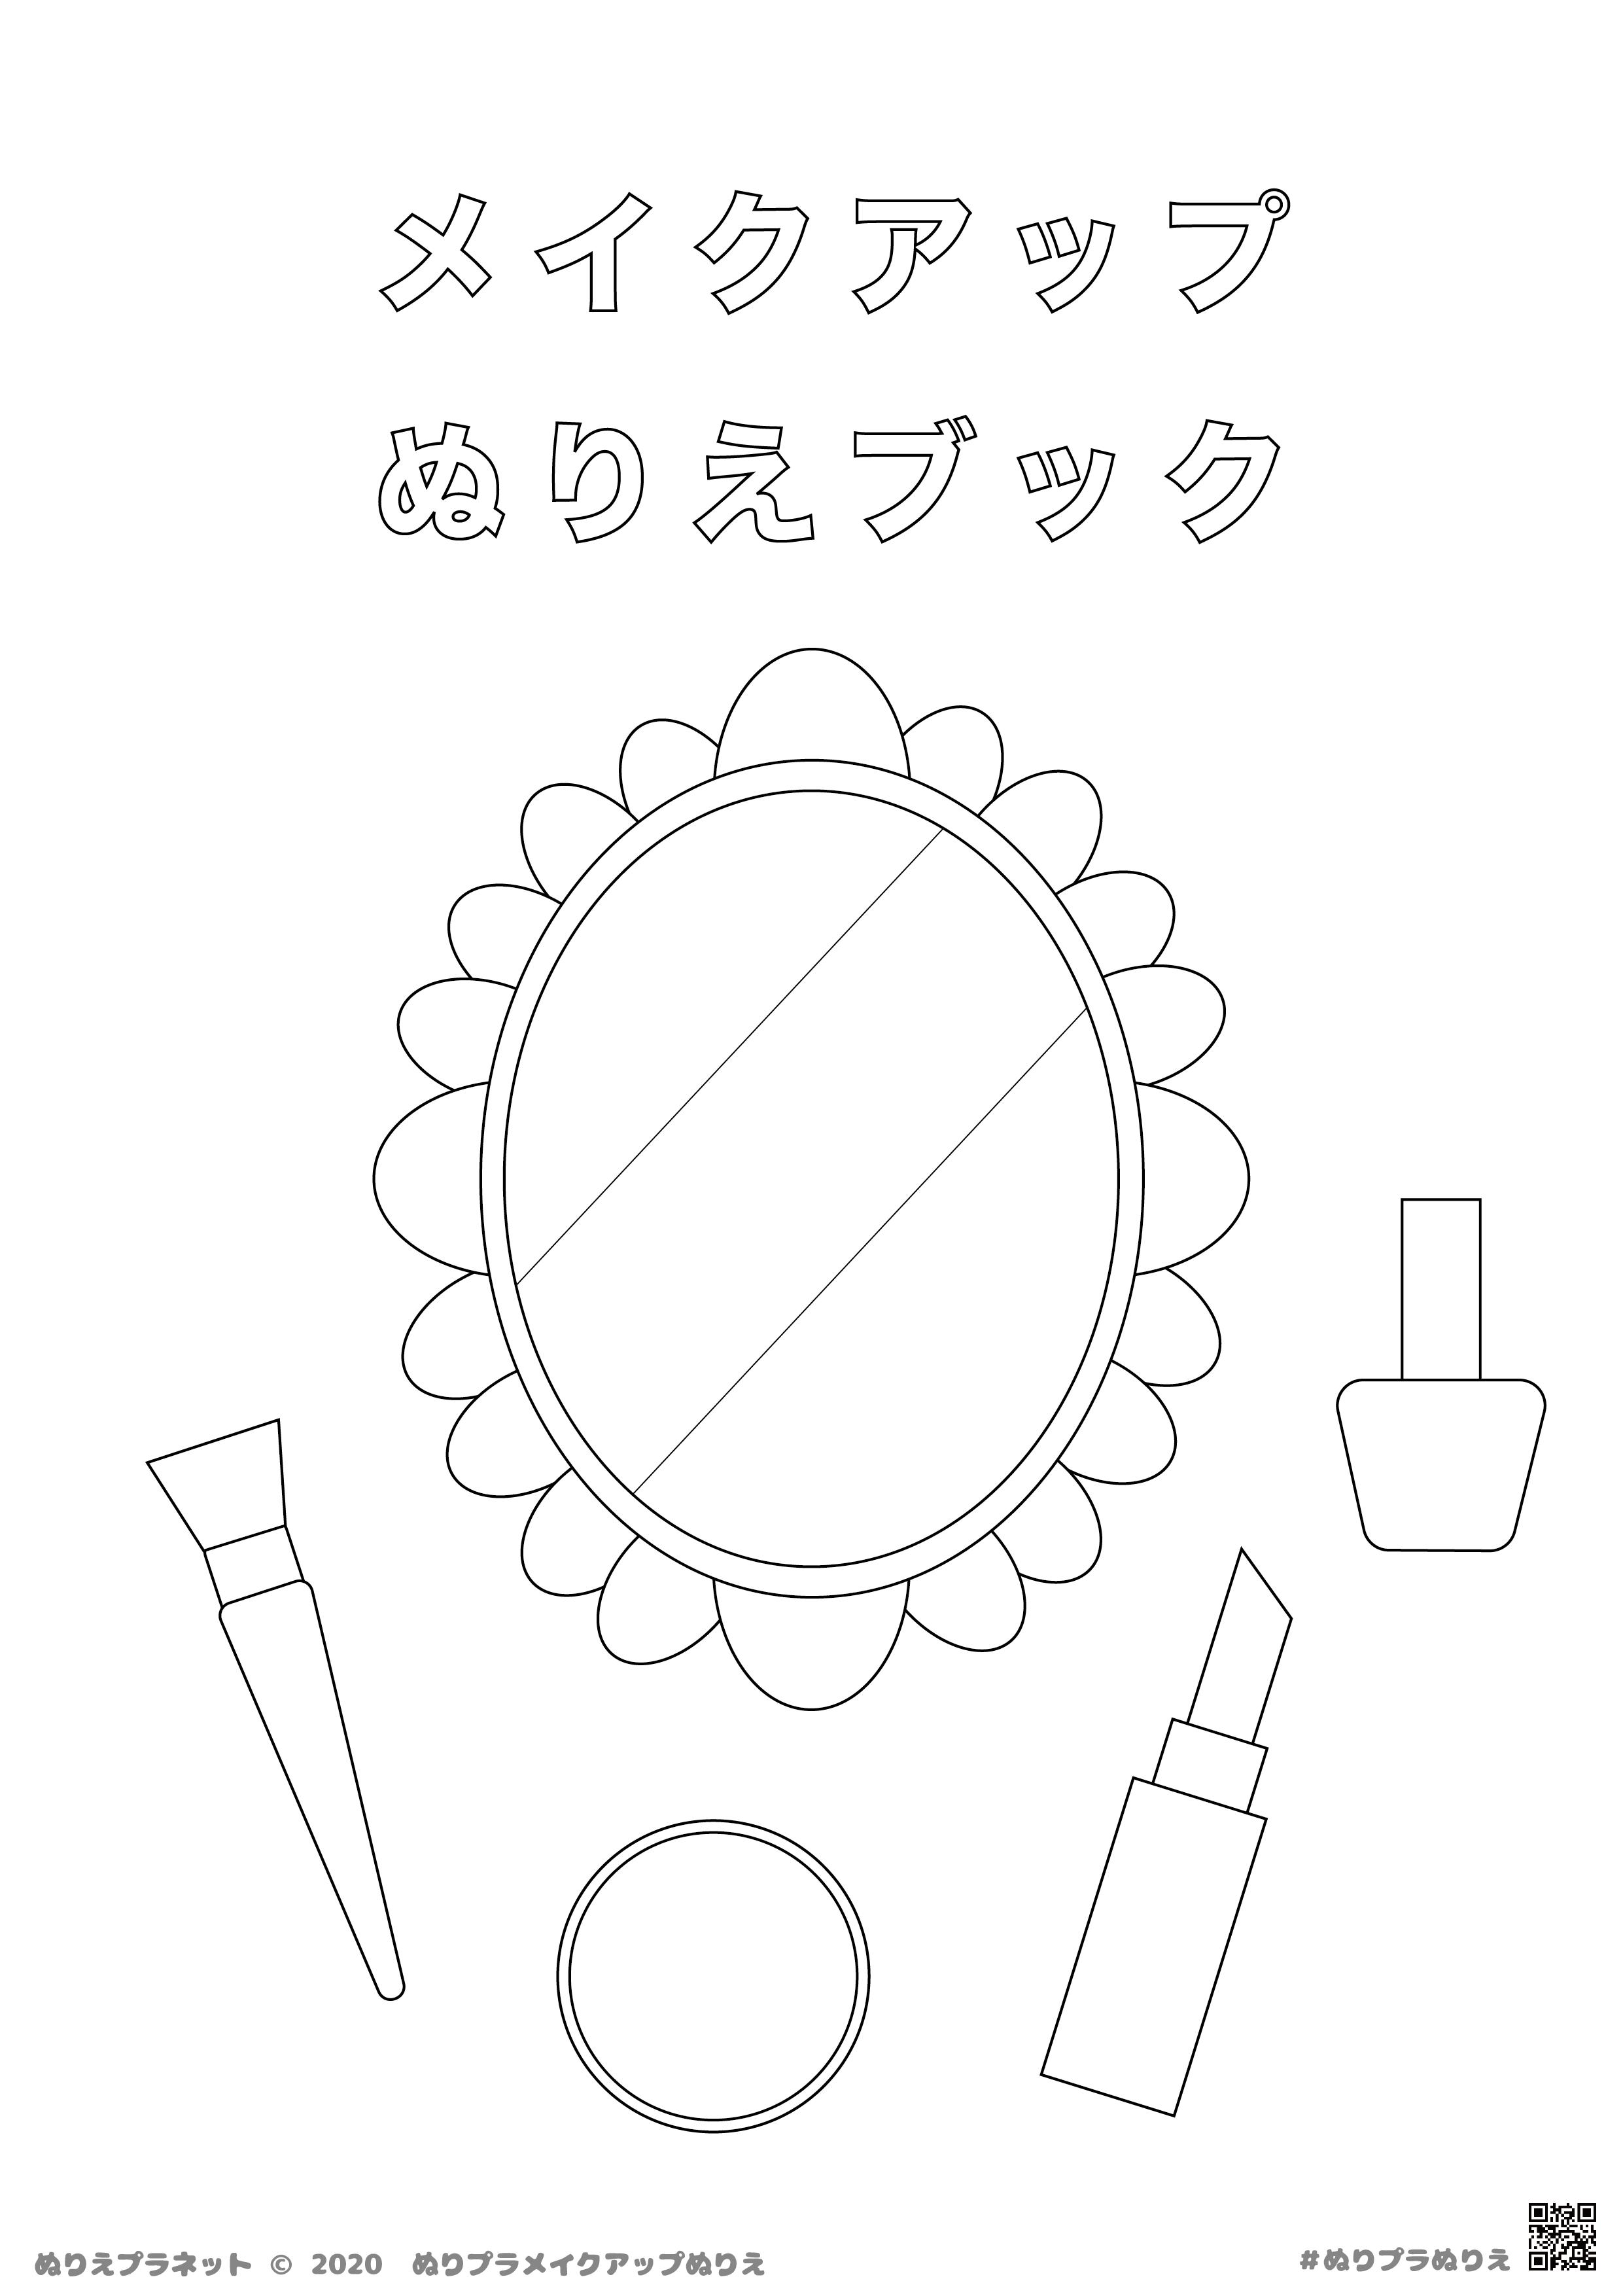 ぬりプラメイクアップぬりえシリーズの表紙です。鏡、チーク、口紅、マニキュアがあります。